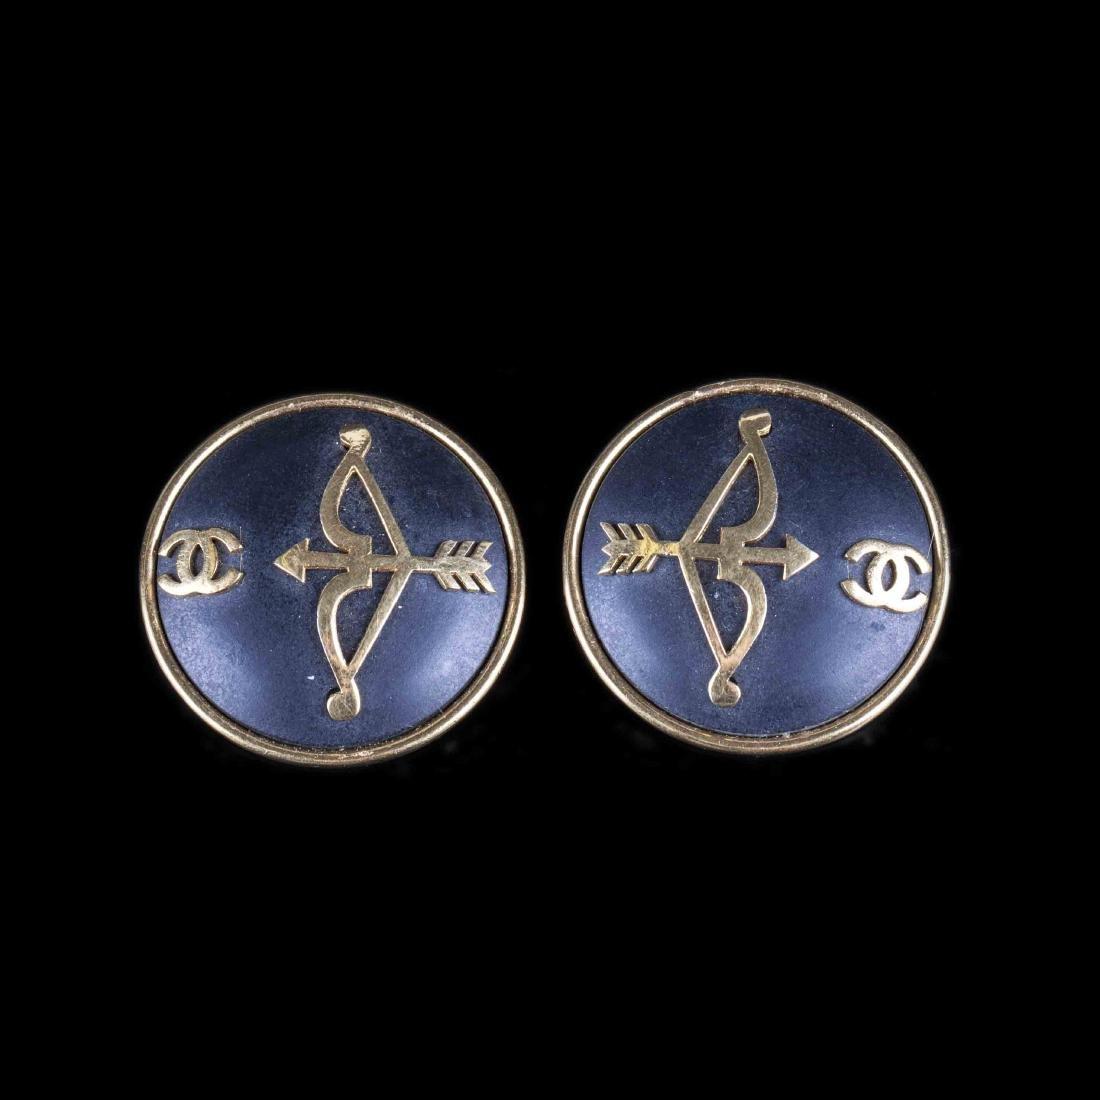 Chanel earclips. 1980s